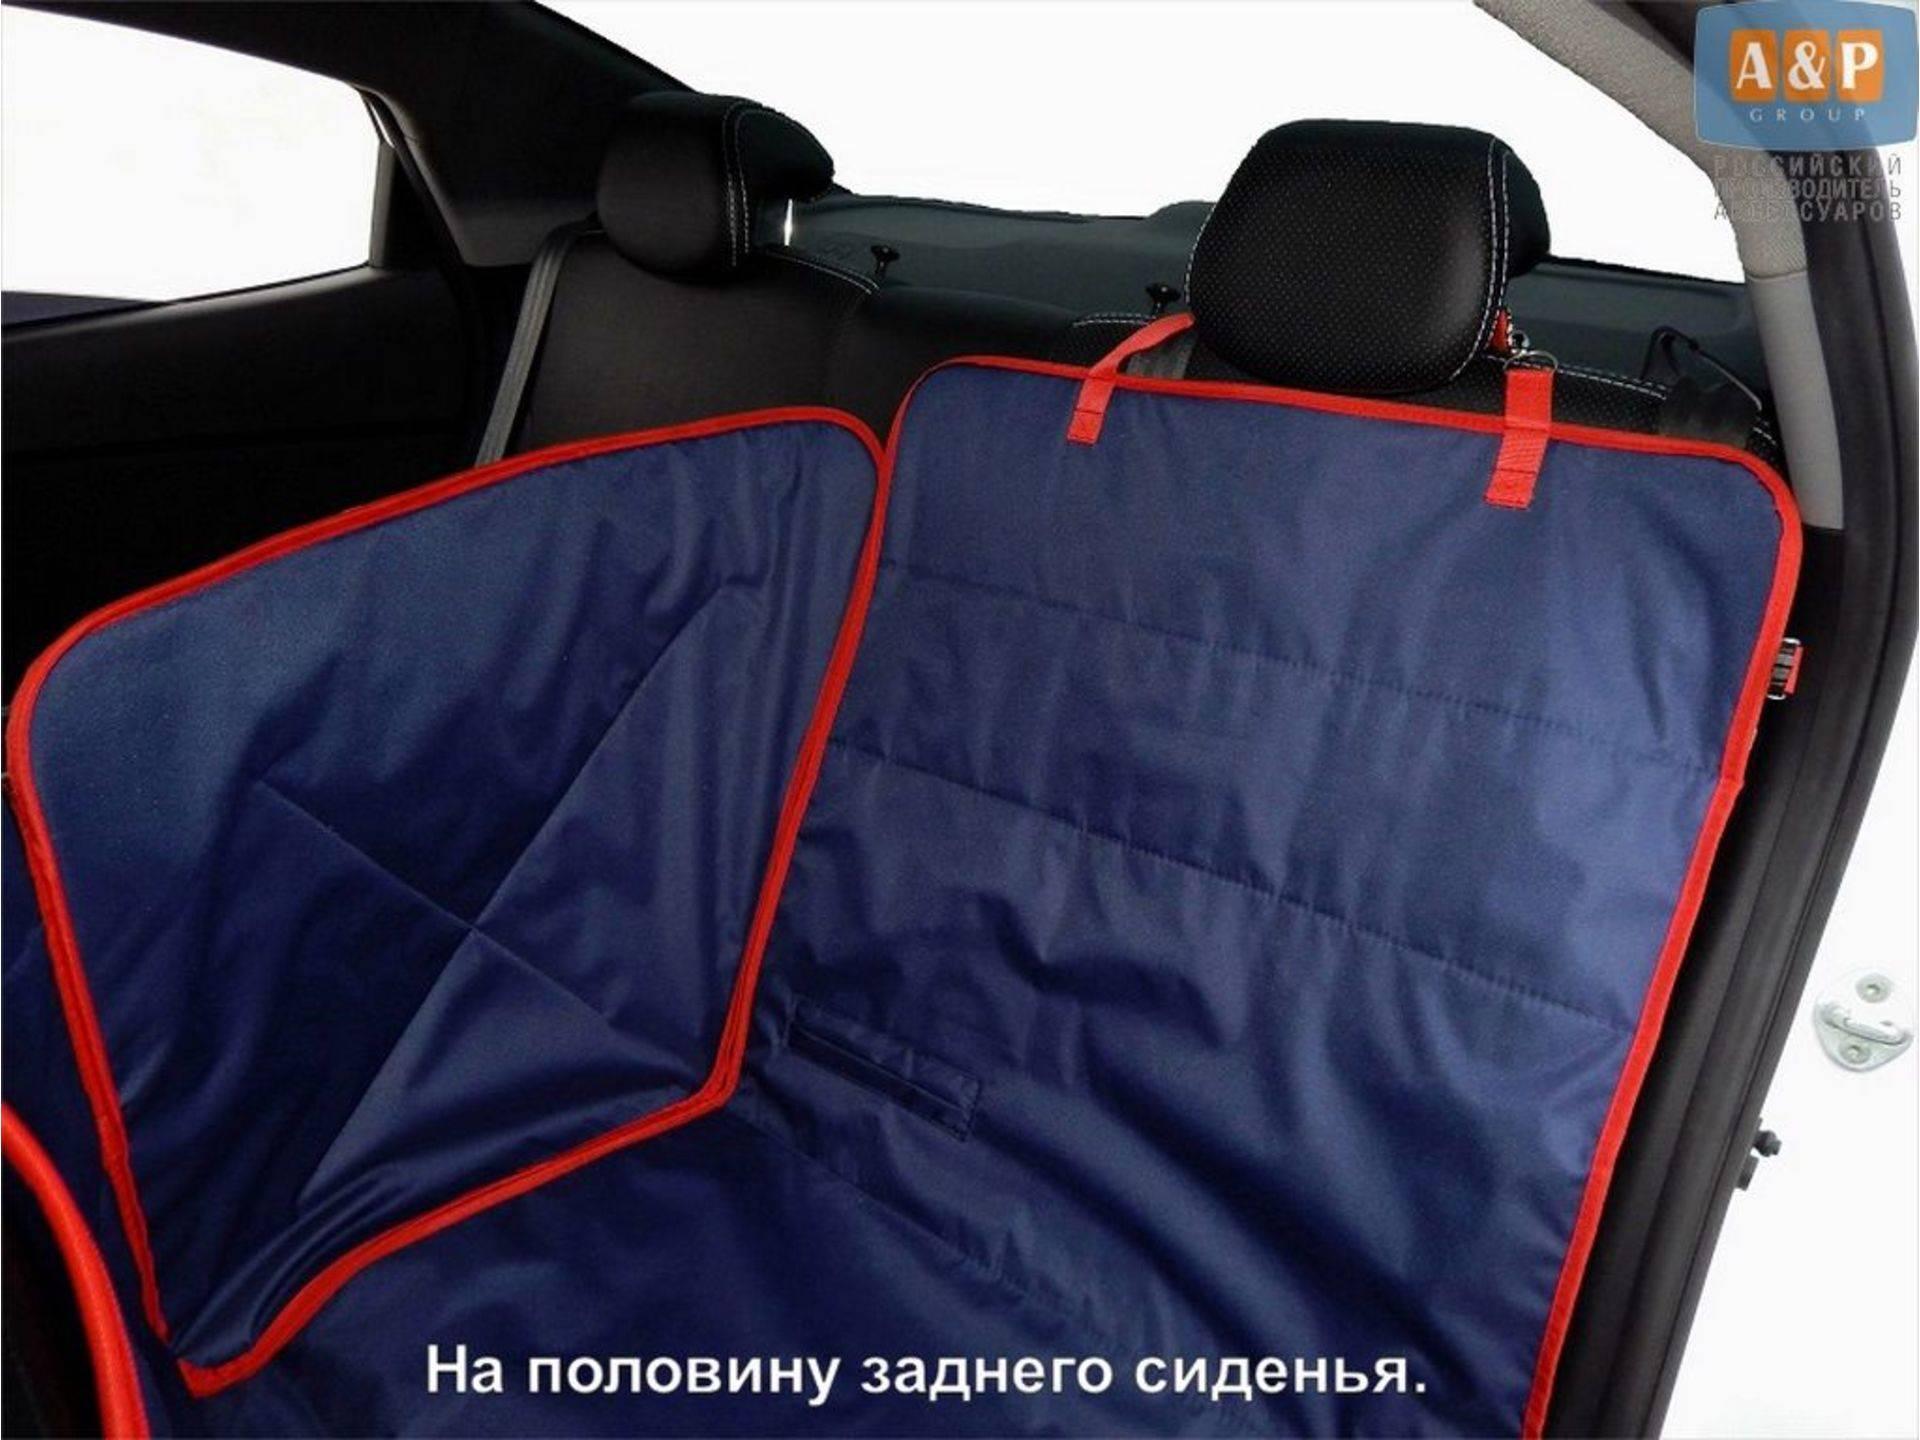 Топ-5: лучшие накидки на сиденья авто (как выбрать и где дешево купить)